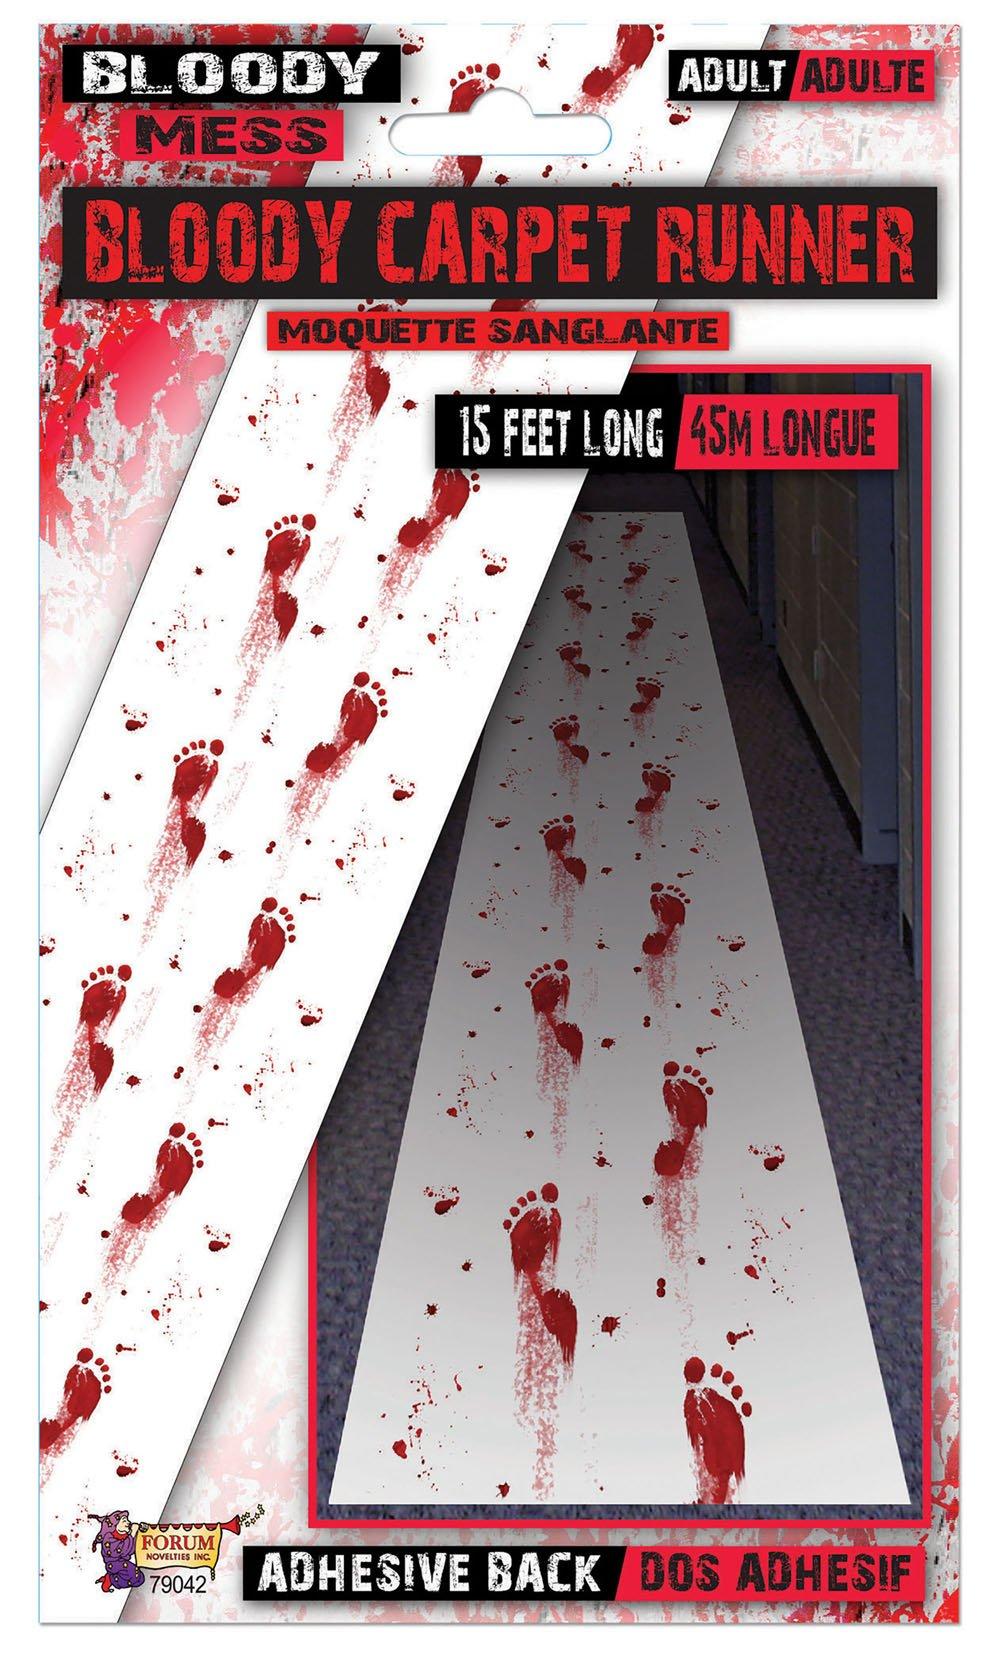 Bloody Carpet Runner